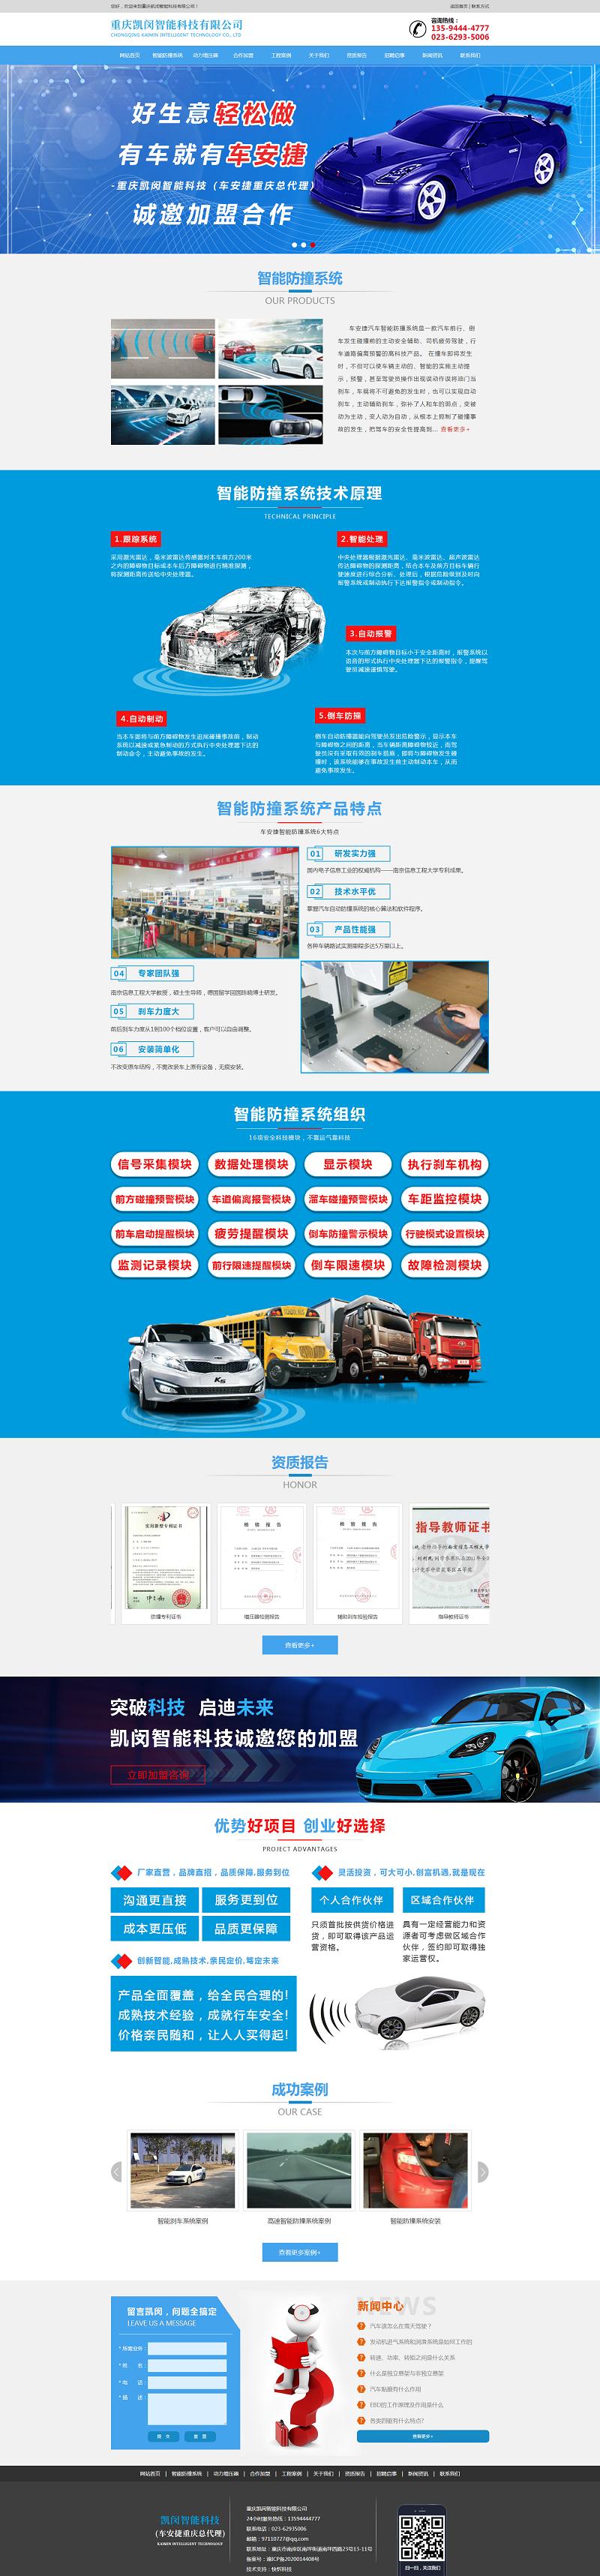 重庆凯闵智能科技有限公司网站建